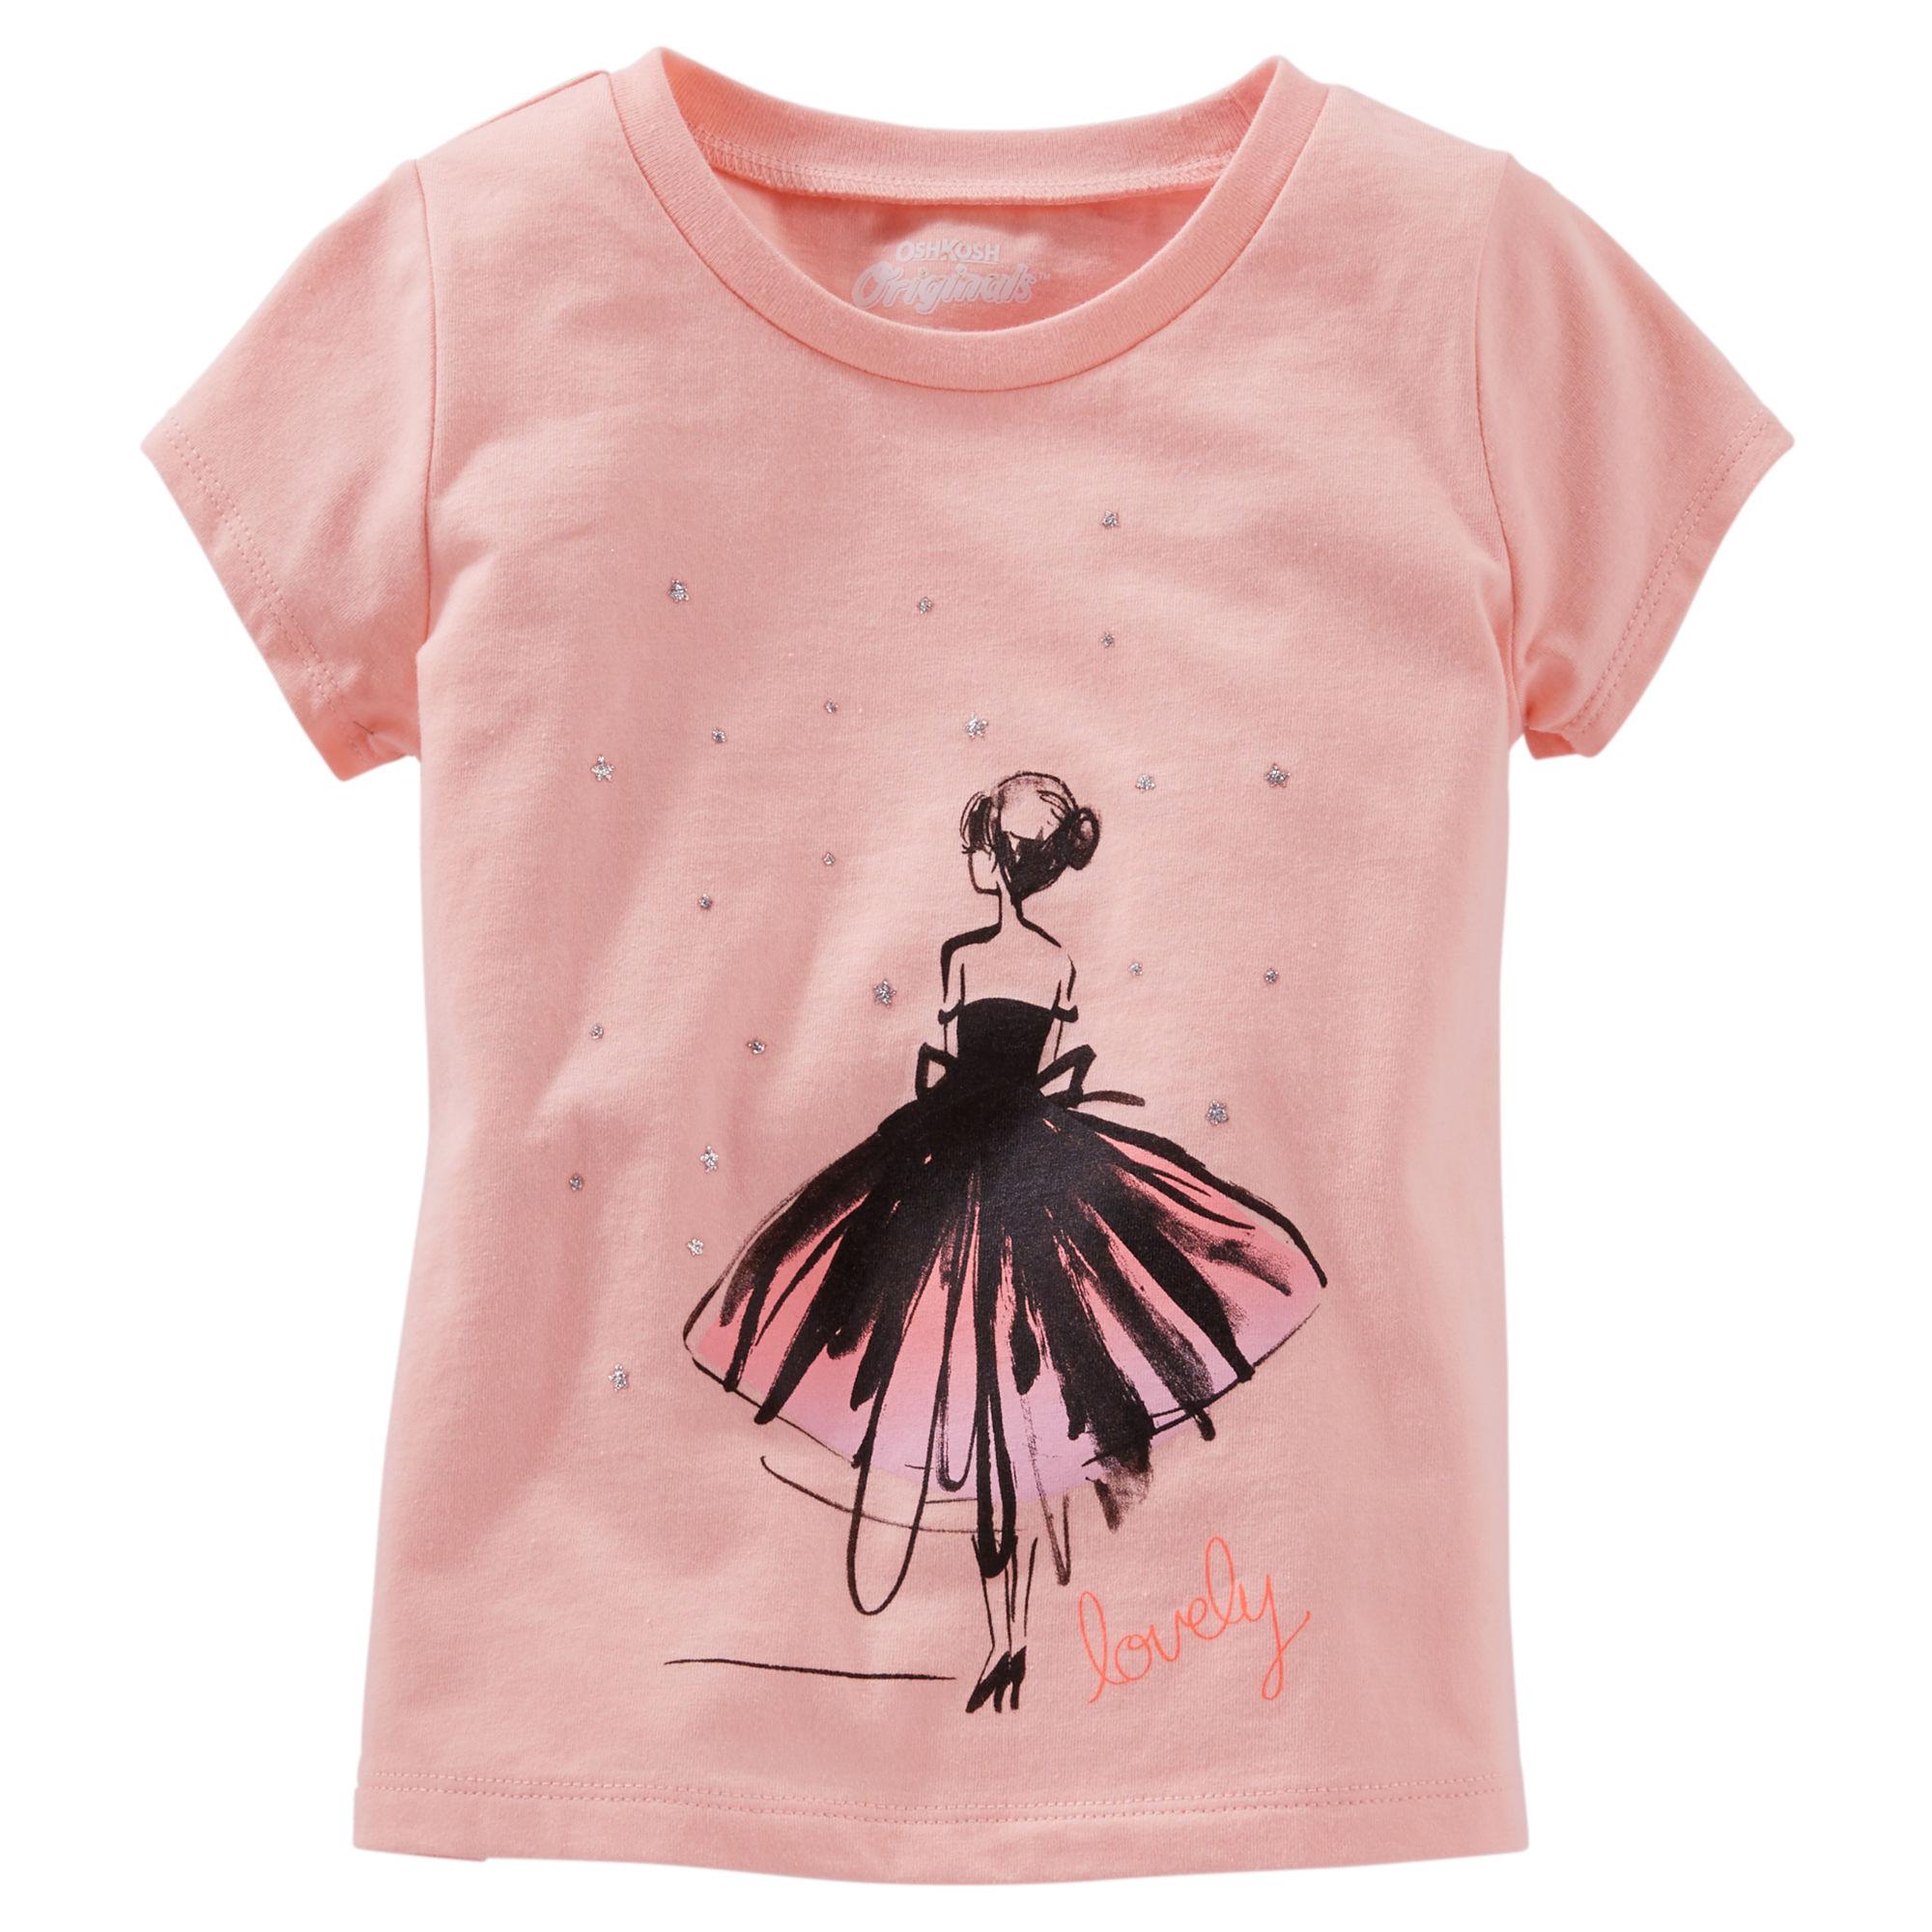 7e197c8732e6 Oshkosh Dievčenské tričko s tanečnicou - ružové